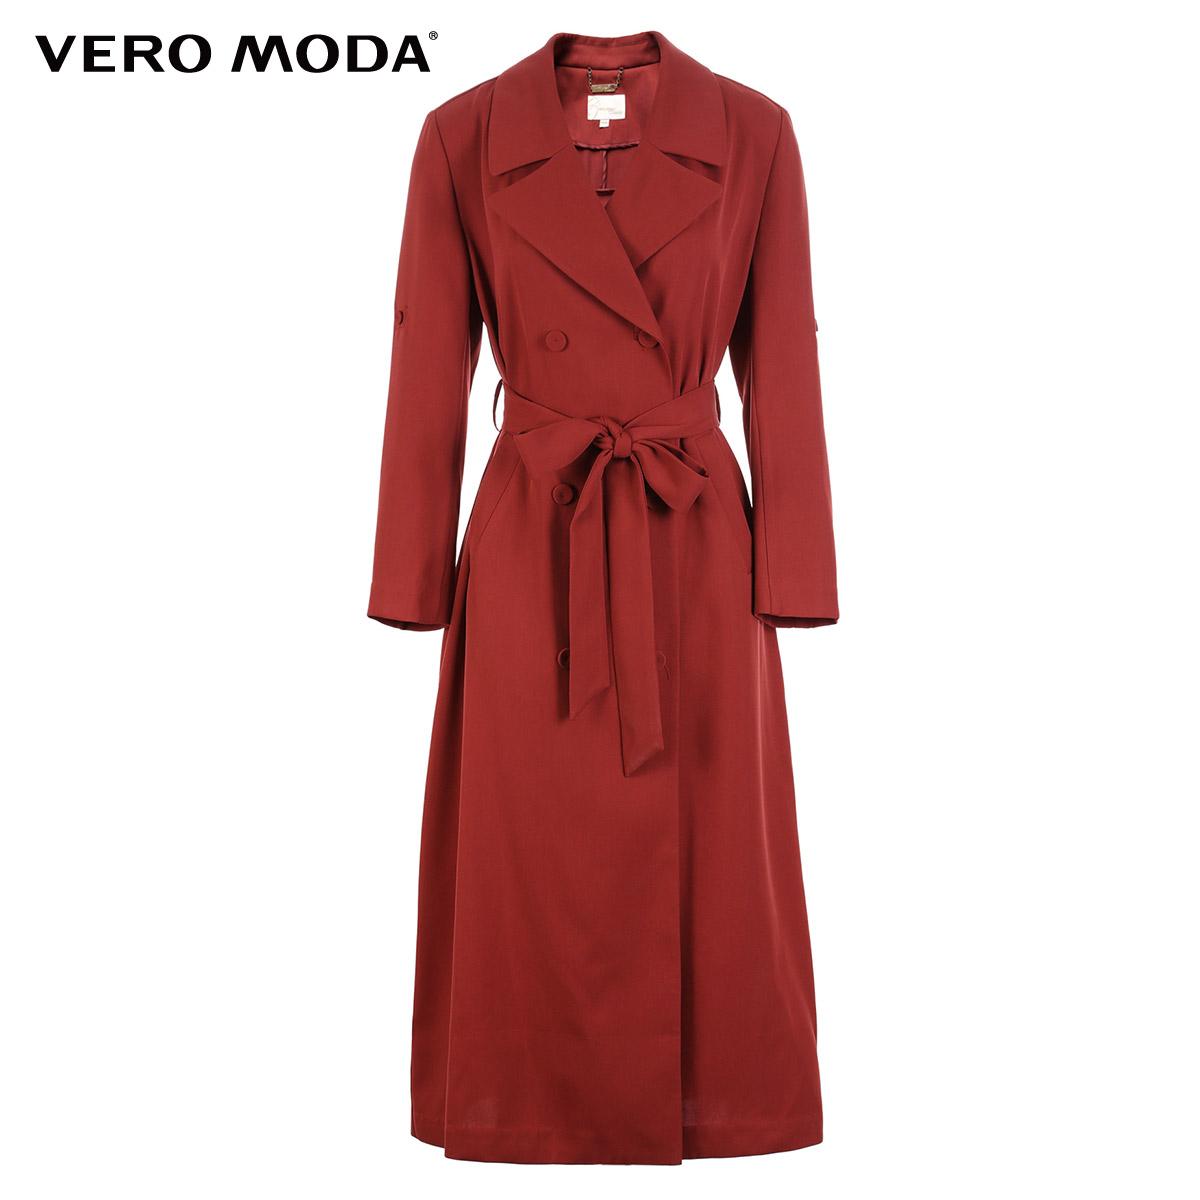 Vero Moda2017秋季新款翻领绑带收腰双排扣风衣外套|317321511